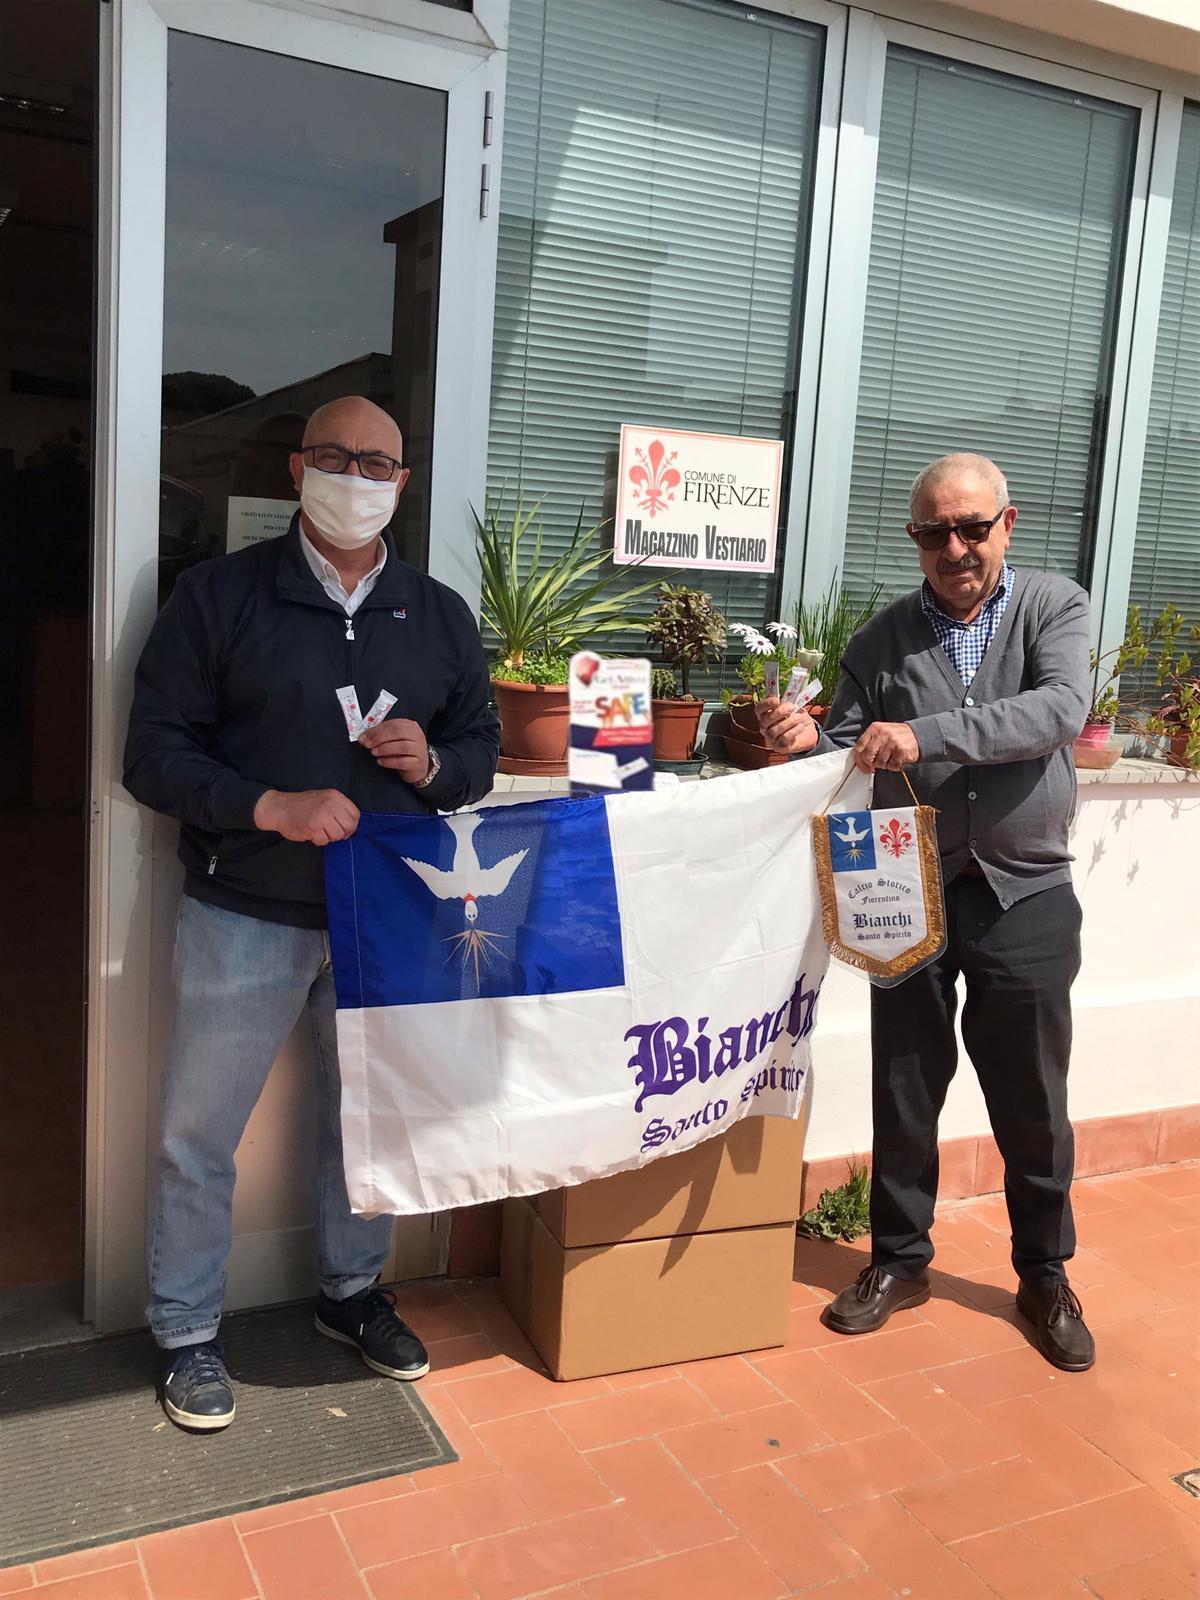 Coronavirus, i Bianchi donano al Comune 6.000 confezioni monouso di gel igienizzante